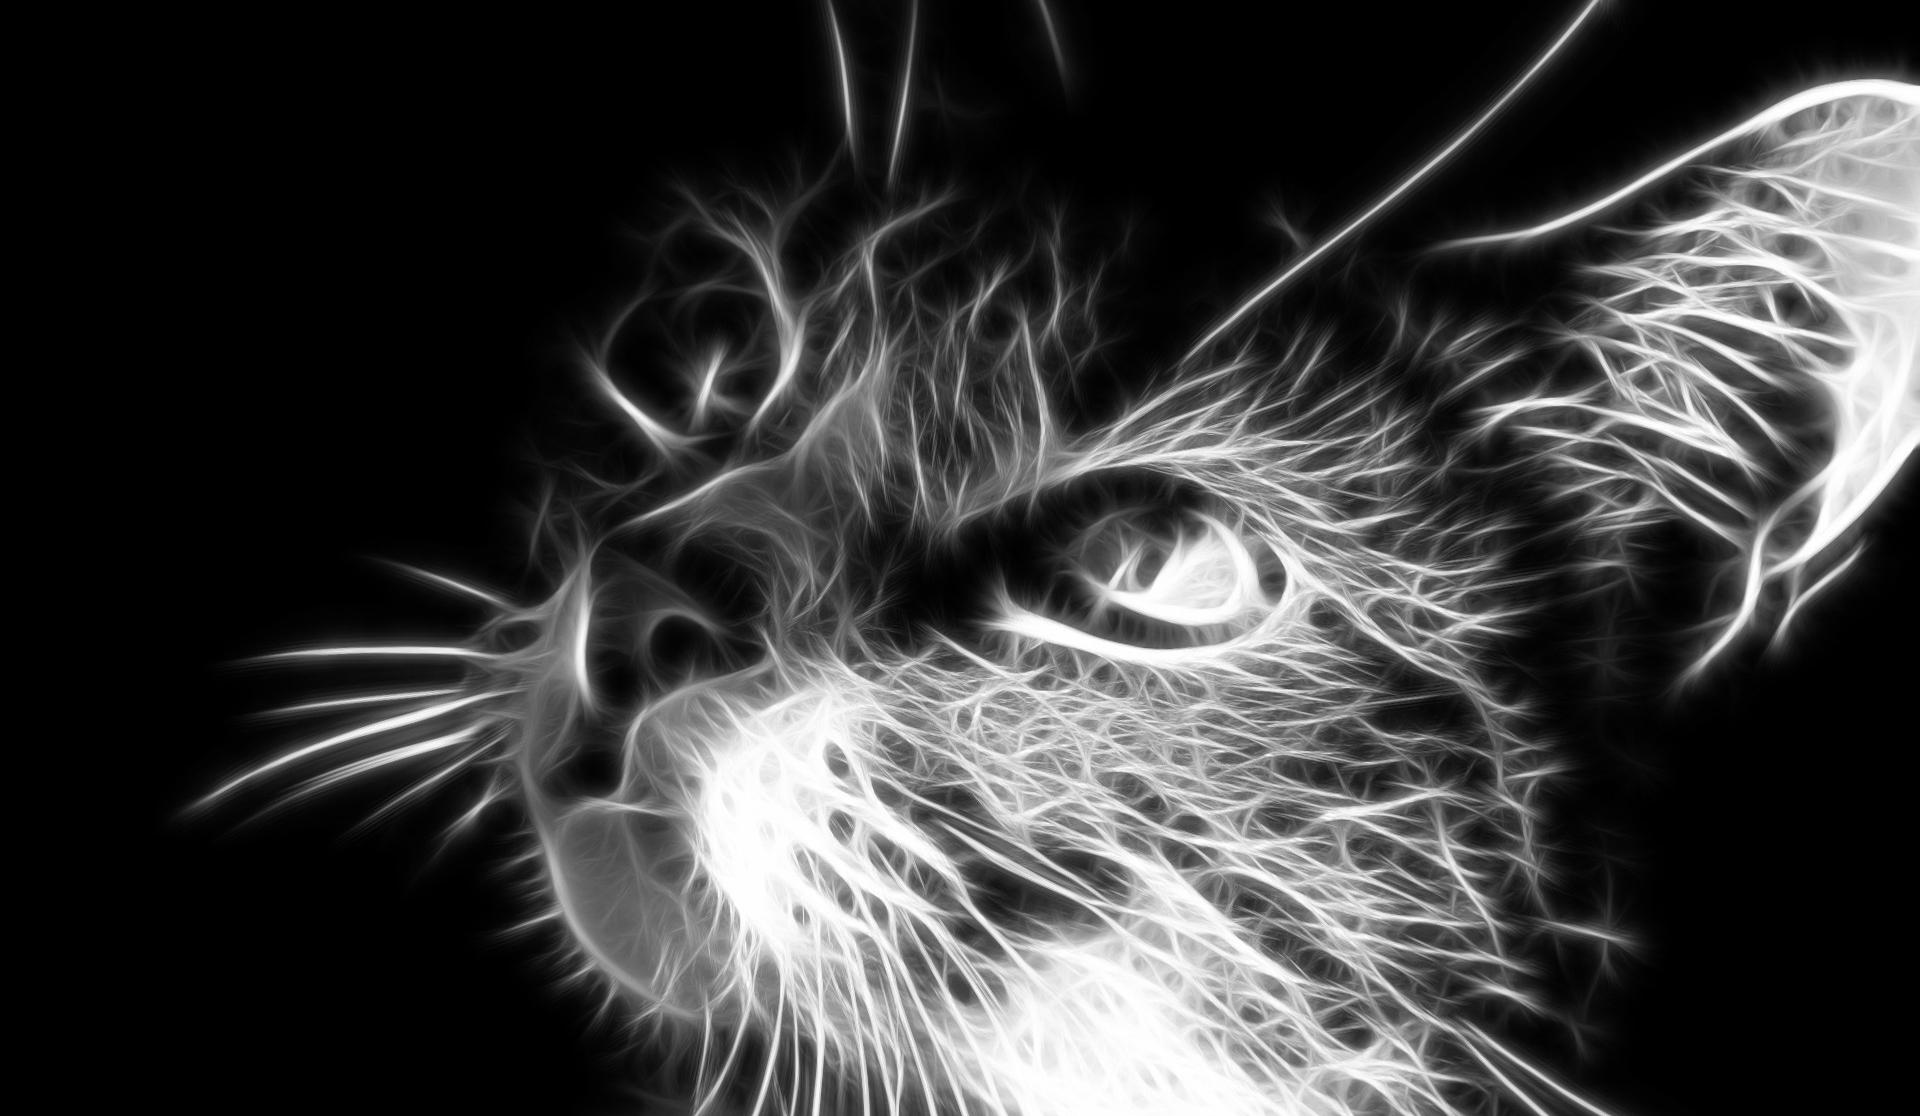 zdarma dobrá černá kočička oholil kočička malé kozy